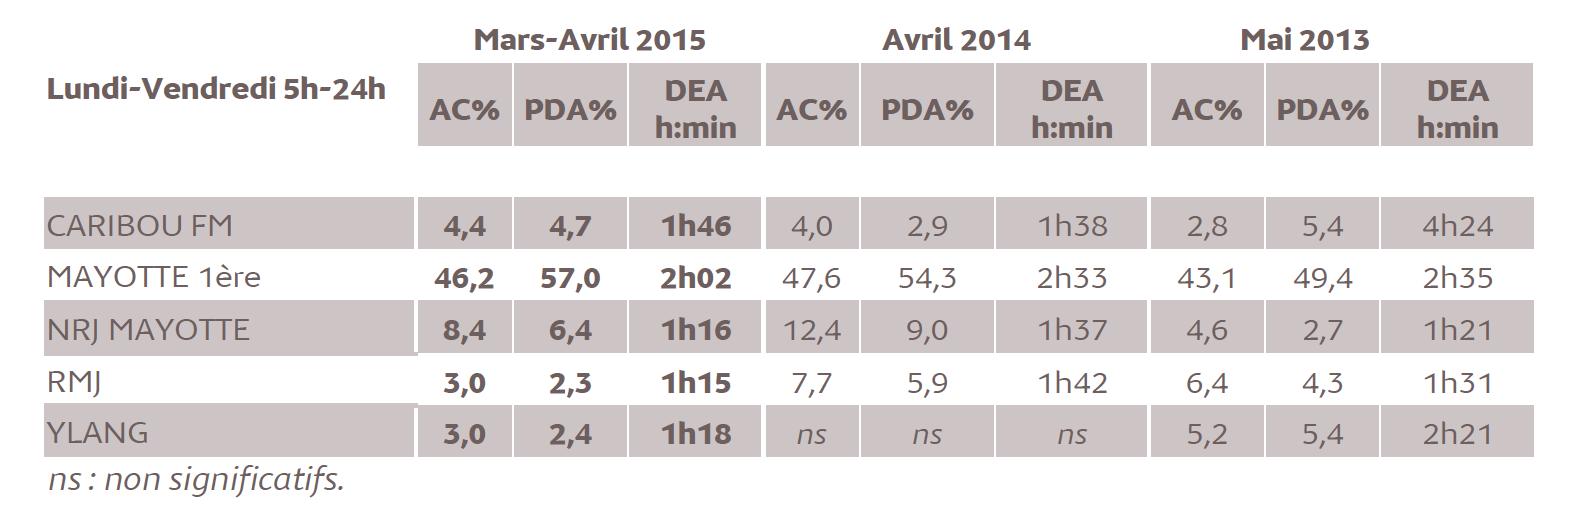 Source : Médiamétrie - Etude ad hoc Mayotte – Mars-Avril 2015- Copyright Médiamétrie - Tous droits réservés